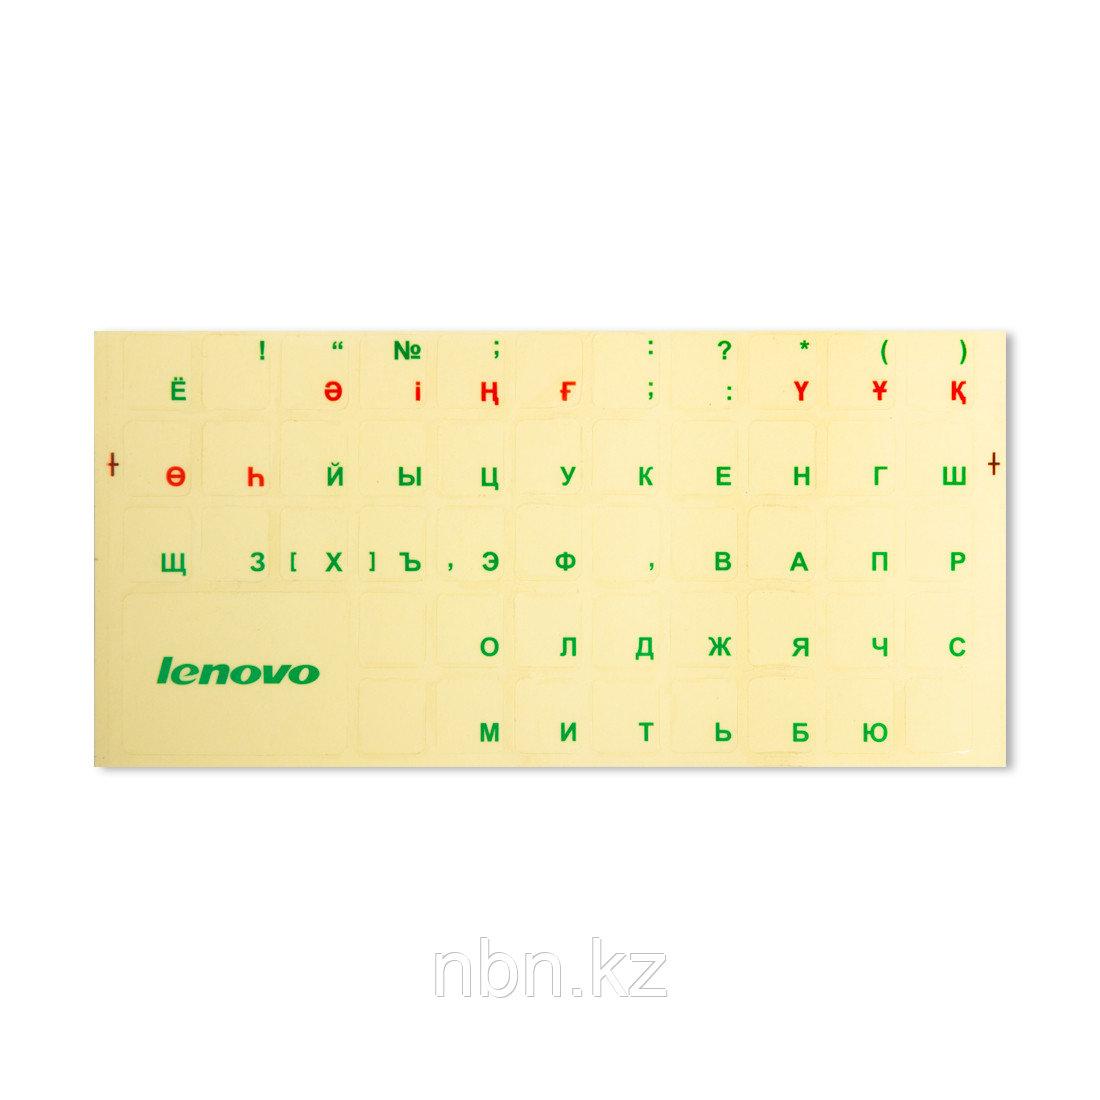 Наклейки на клавиатуру Lenovo для светлых клавиш